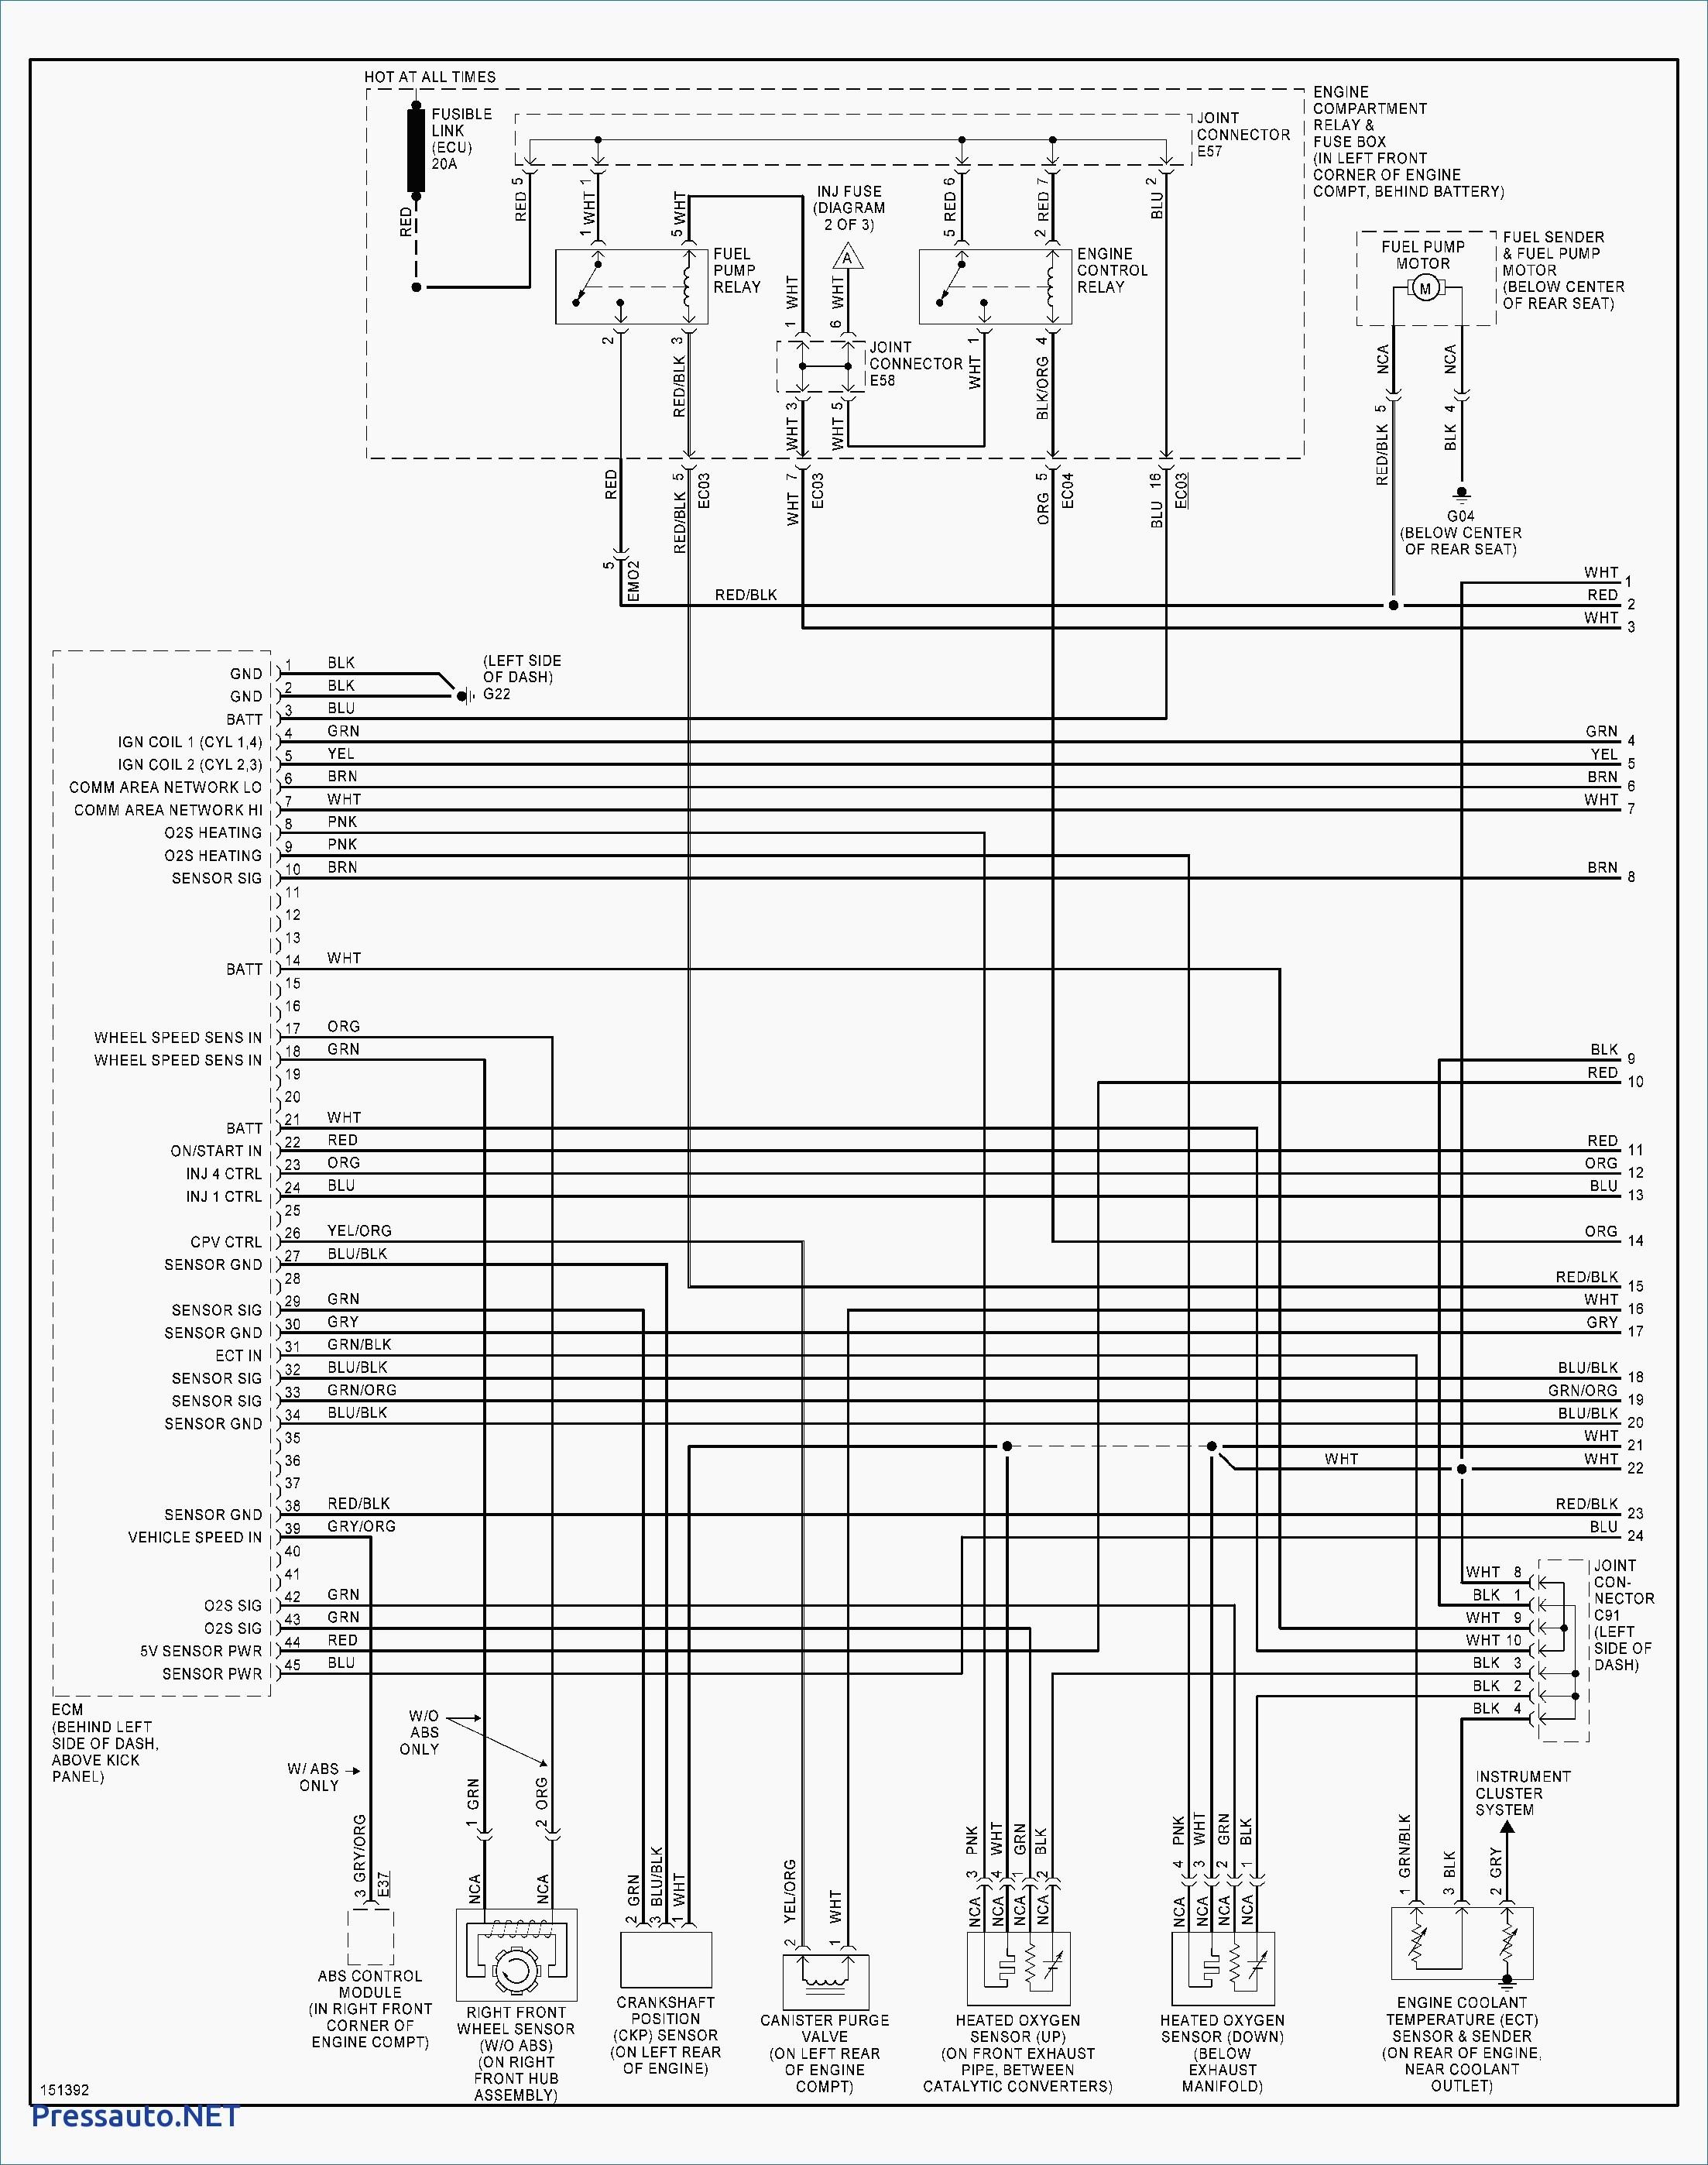 hyundai atos ecu wiring diagram car tail light accent x3 11 19 stromoeko de excel u2022 rh 2007 radio pdf